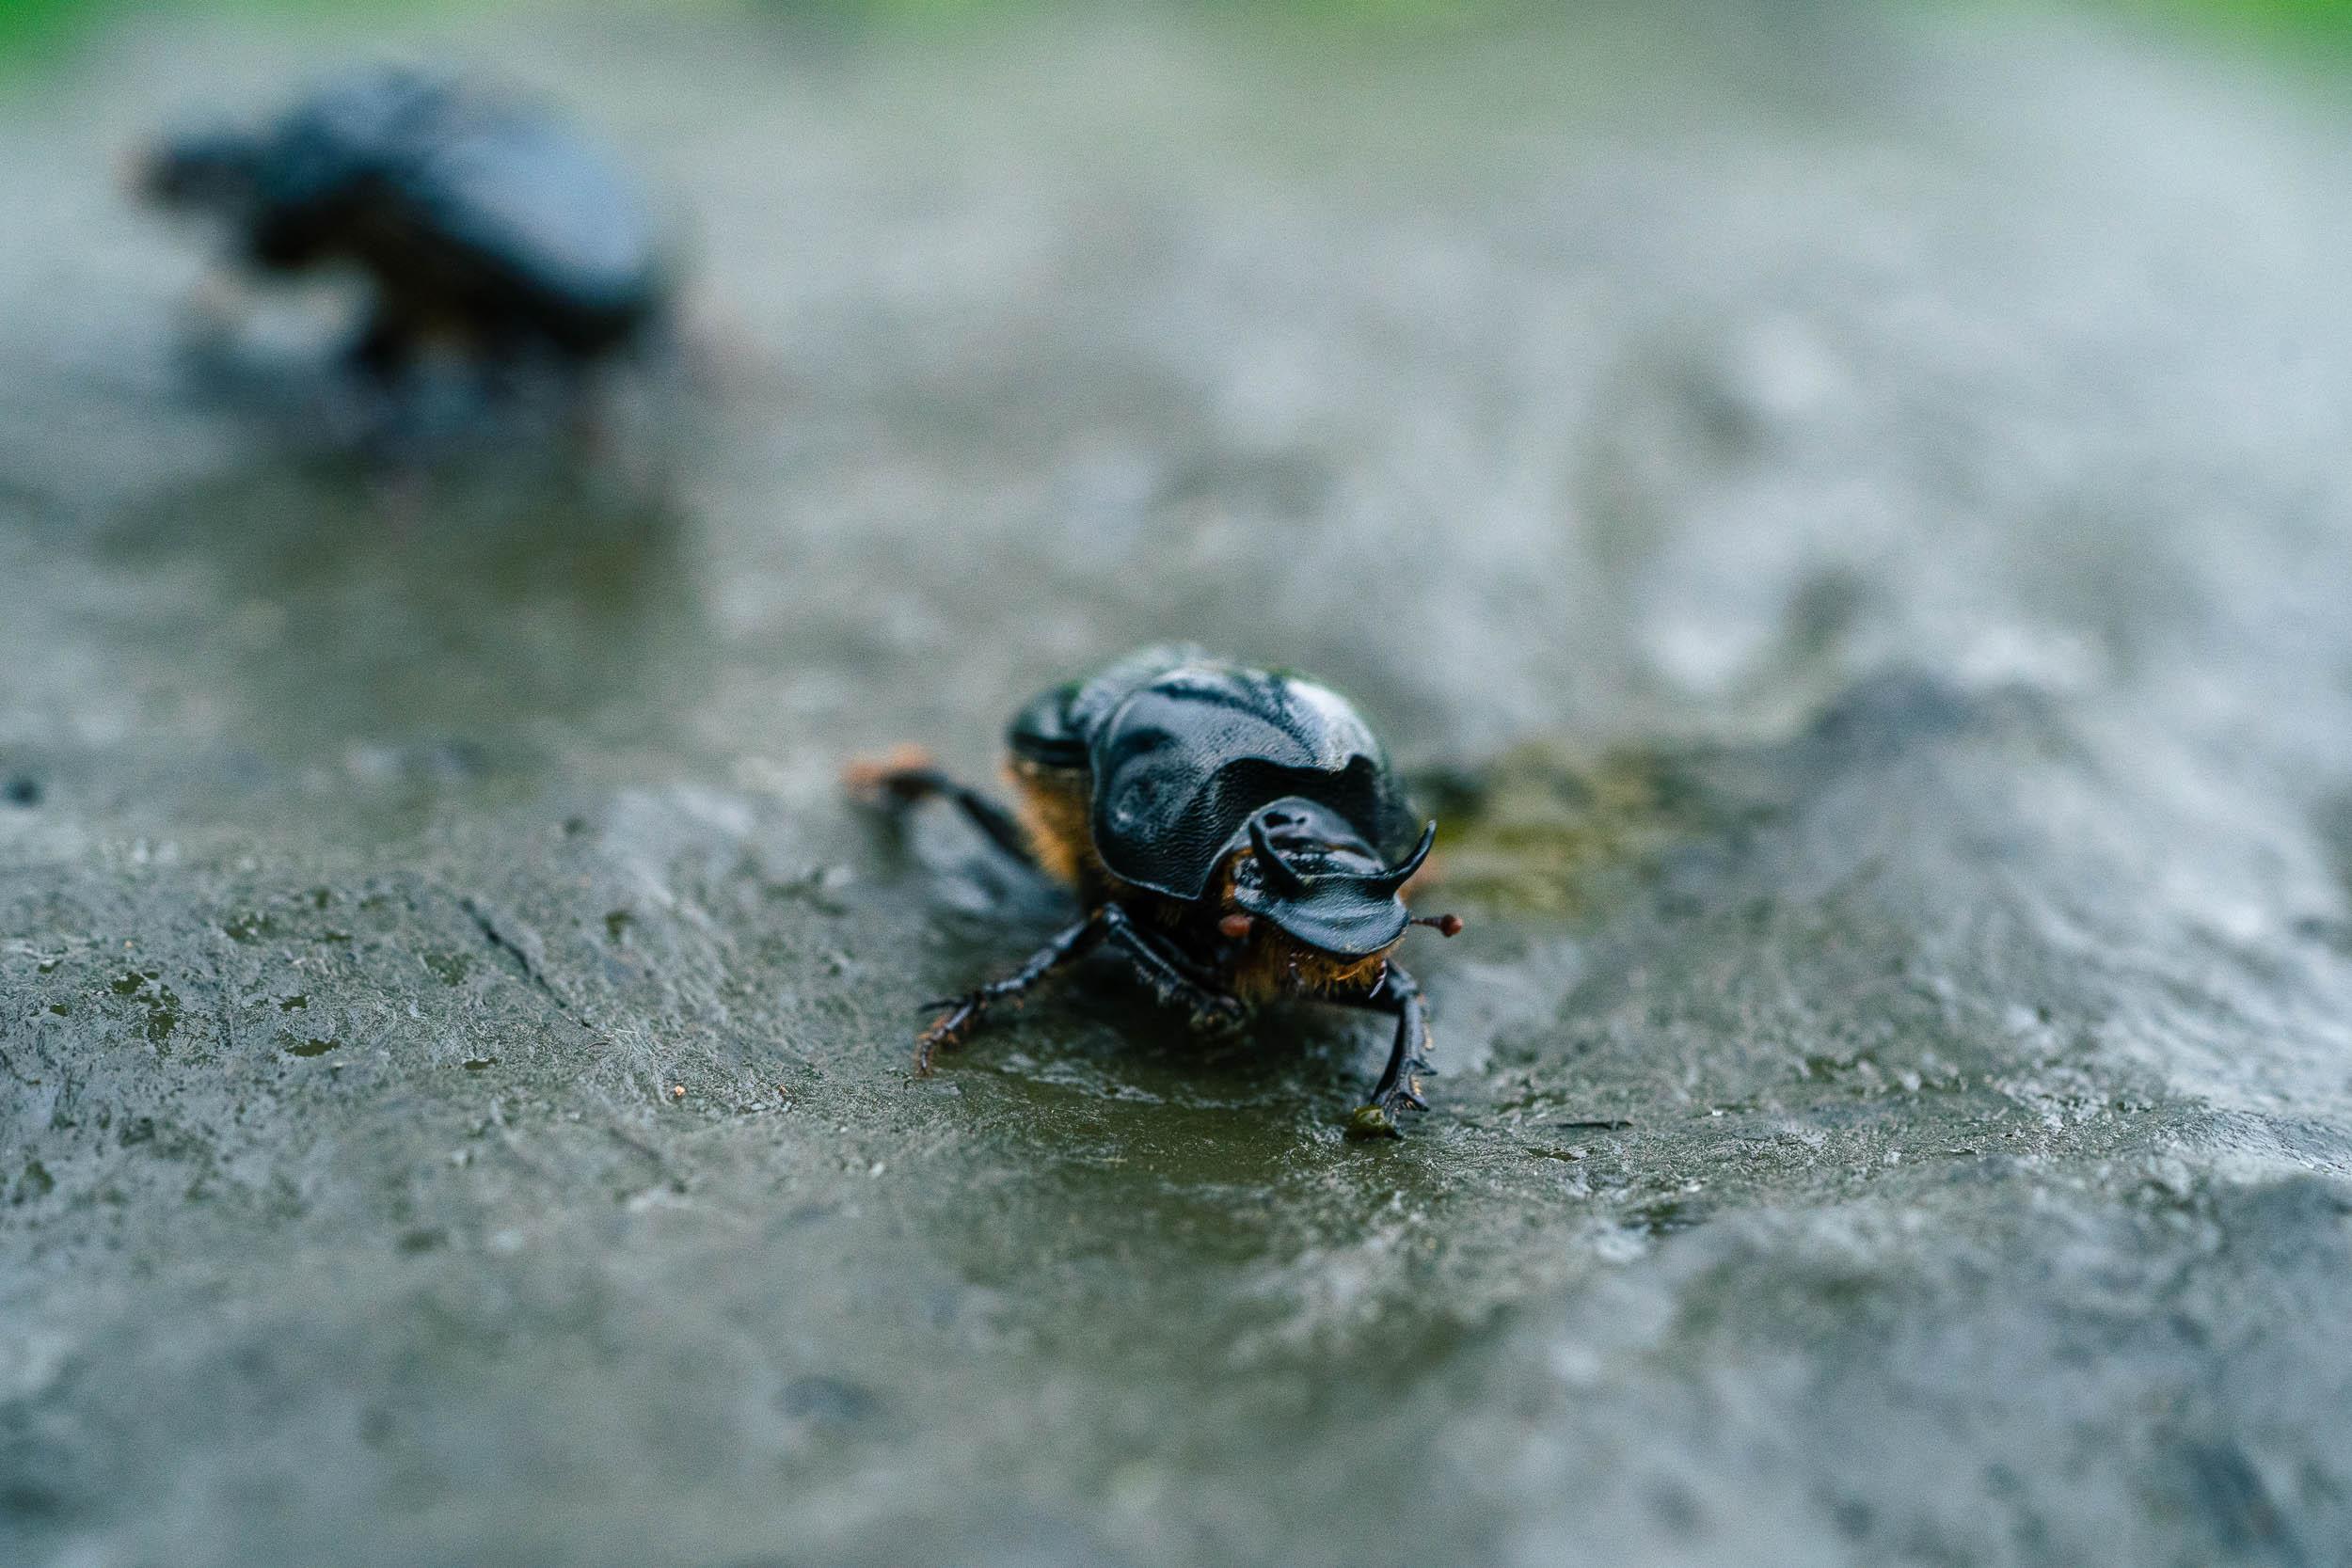 Dung Beetle_SA904280_DIGITAL.jpg